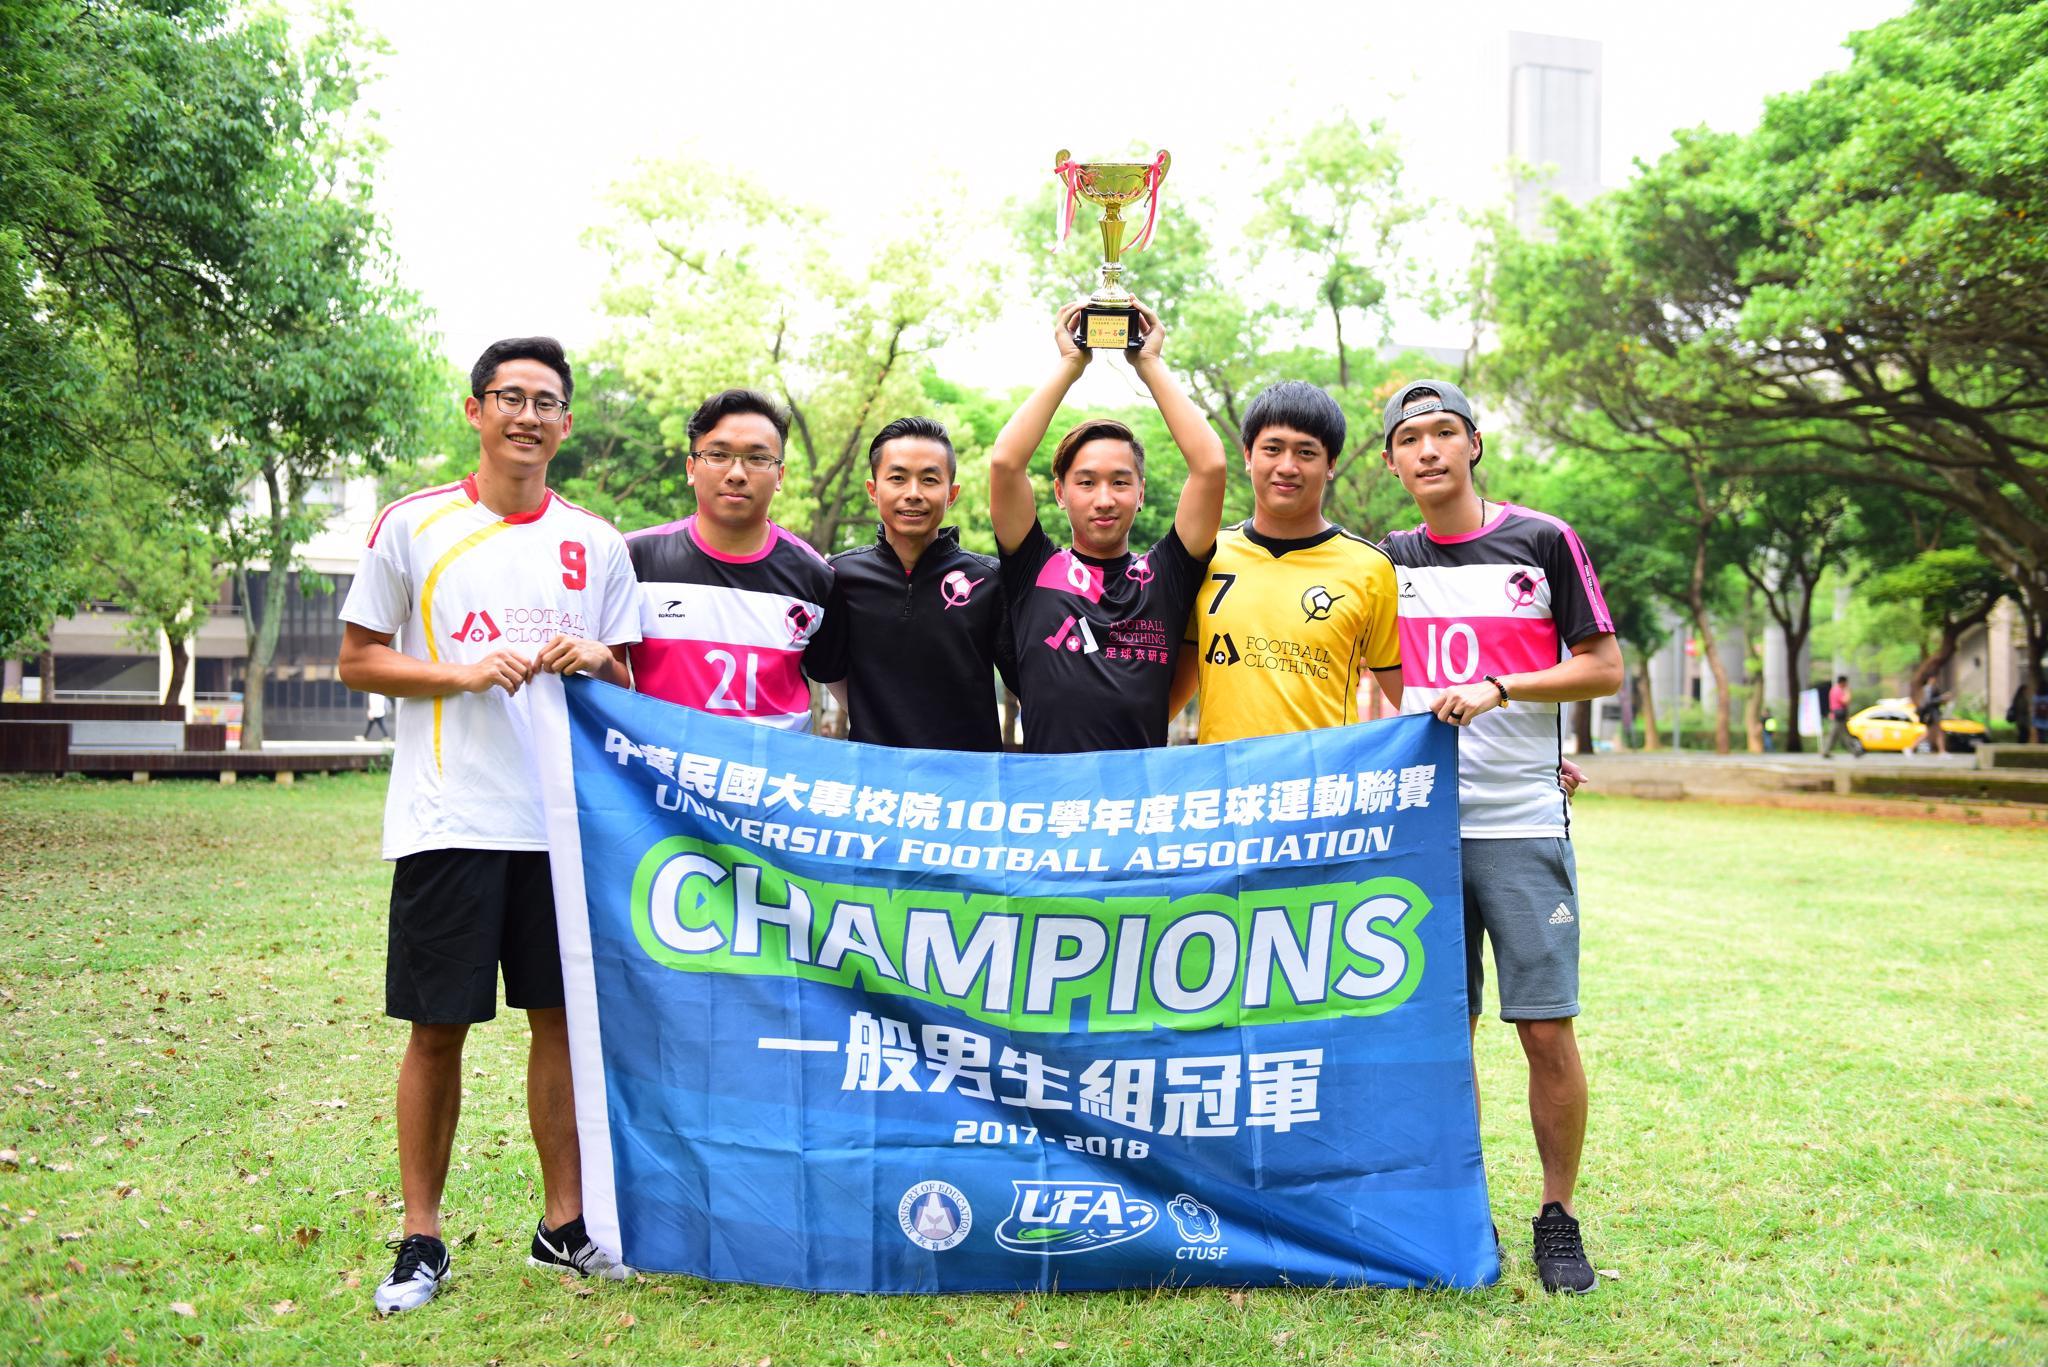 中原足球社勇奪全國一般組冠軍  展現跨國團結、生命力